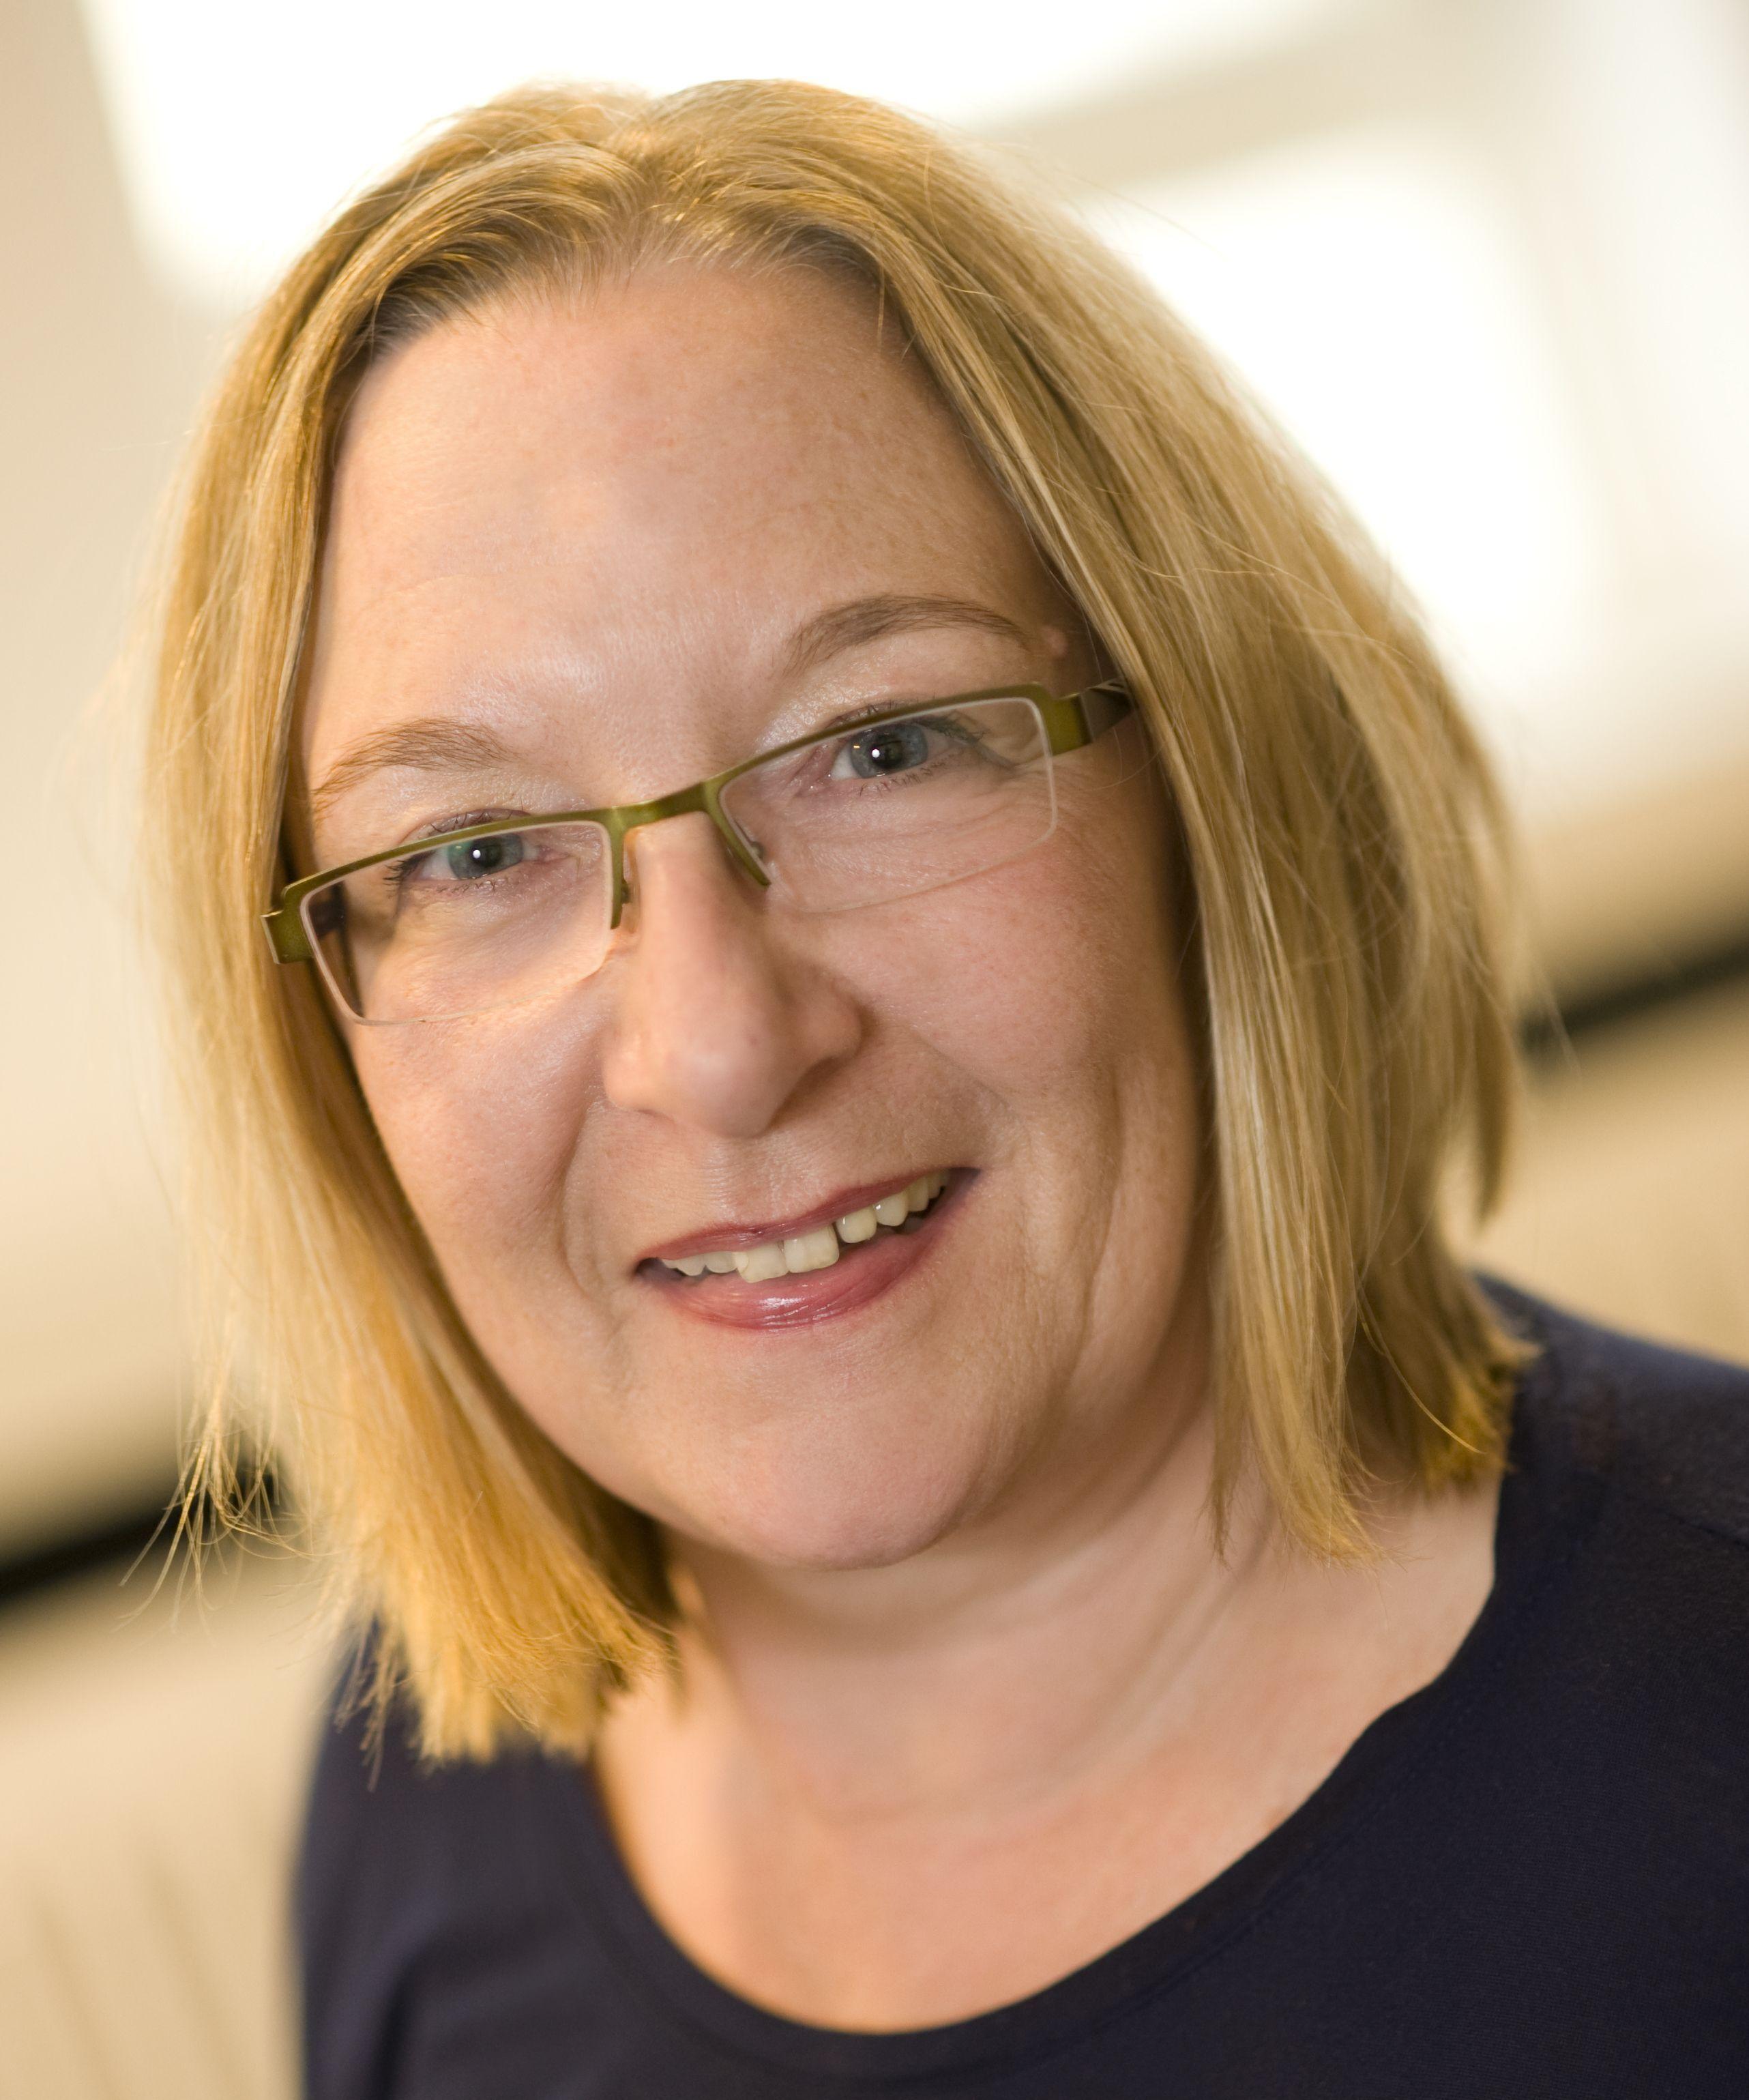 Verena Behrens, Geschäftsführerin des Mütter- und Familienzentrum Huchting e.V.